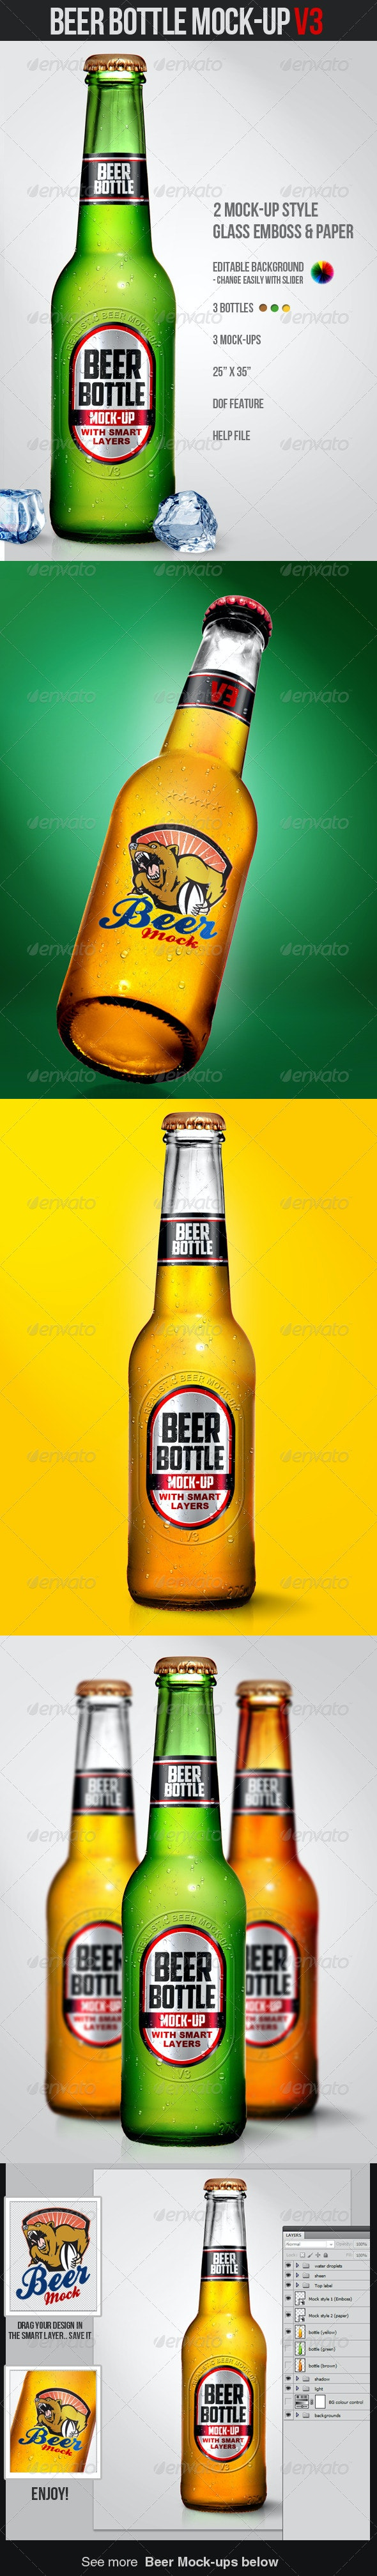 Beer Bottle Mock-Up V3 - Miscellaneous Product Mock-Ups